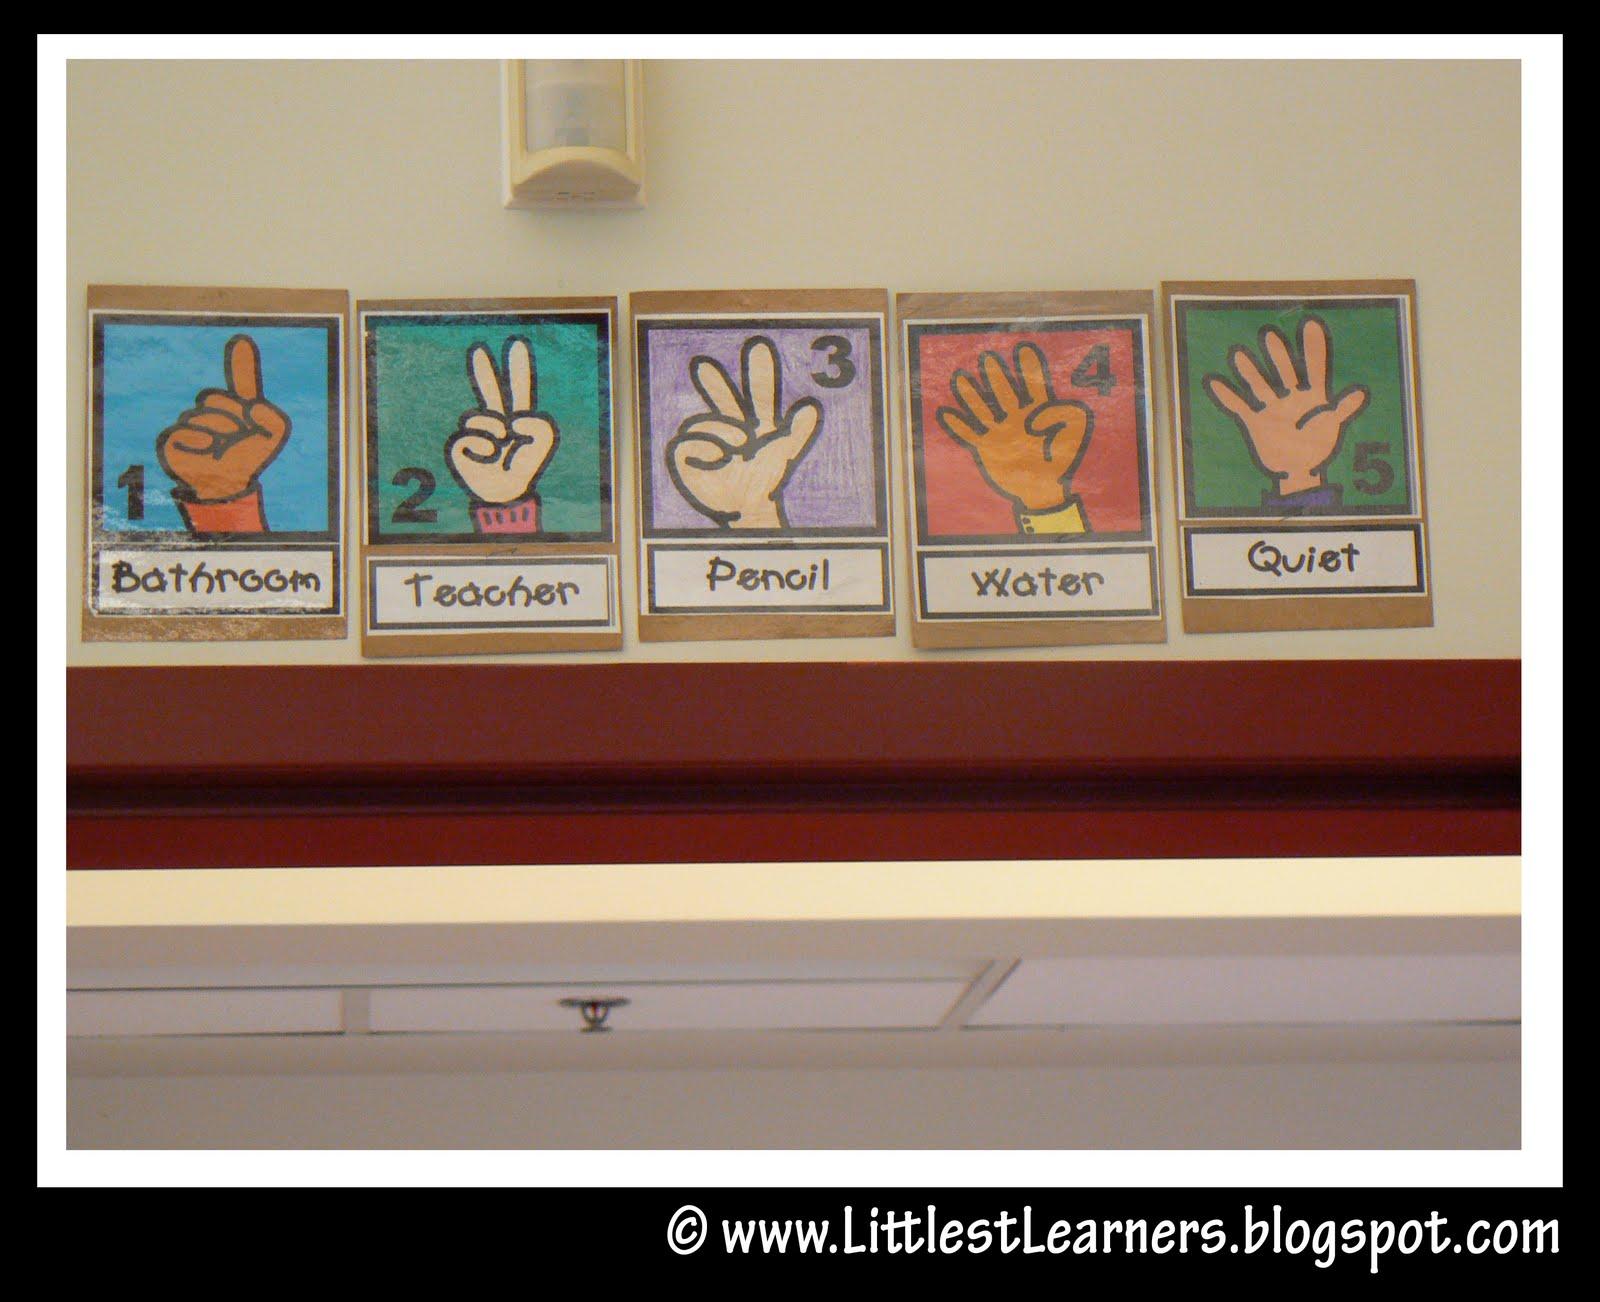 Littlest Learners / Clutter-Free Classroom Blog: Hand Signals Quiet Signal For Teachers